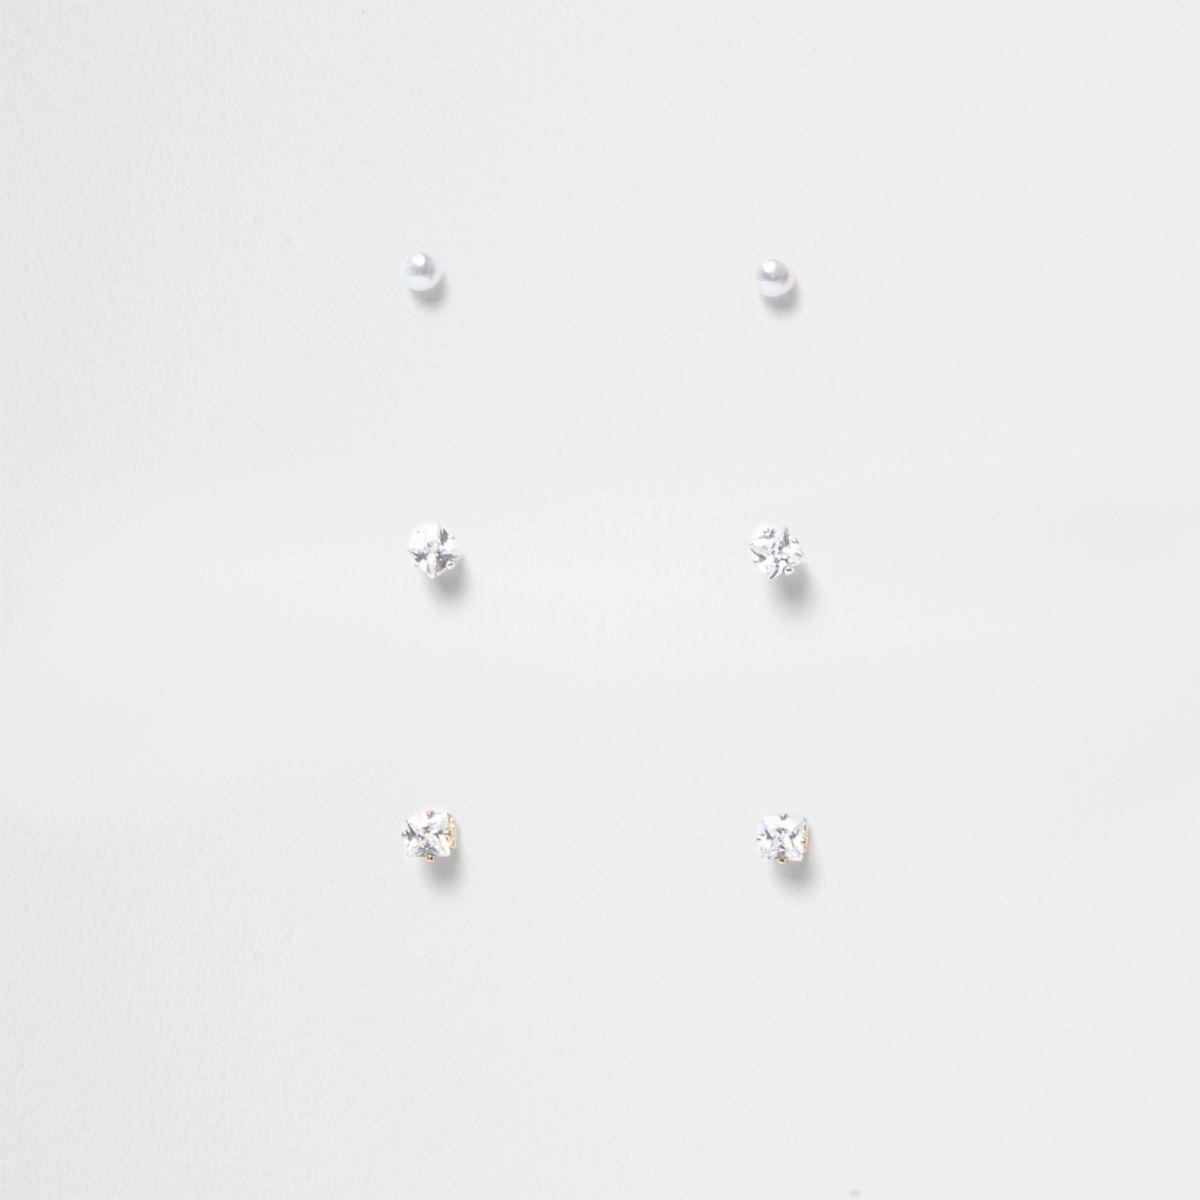 Gold tone rhinestone stud earrings